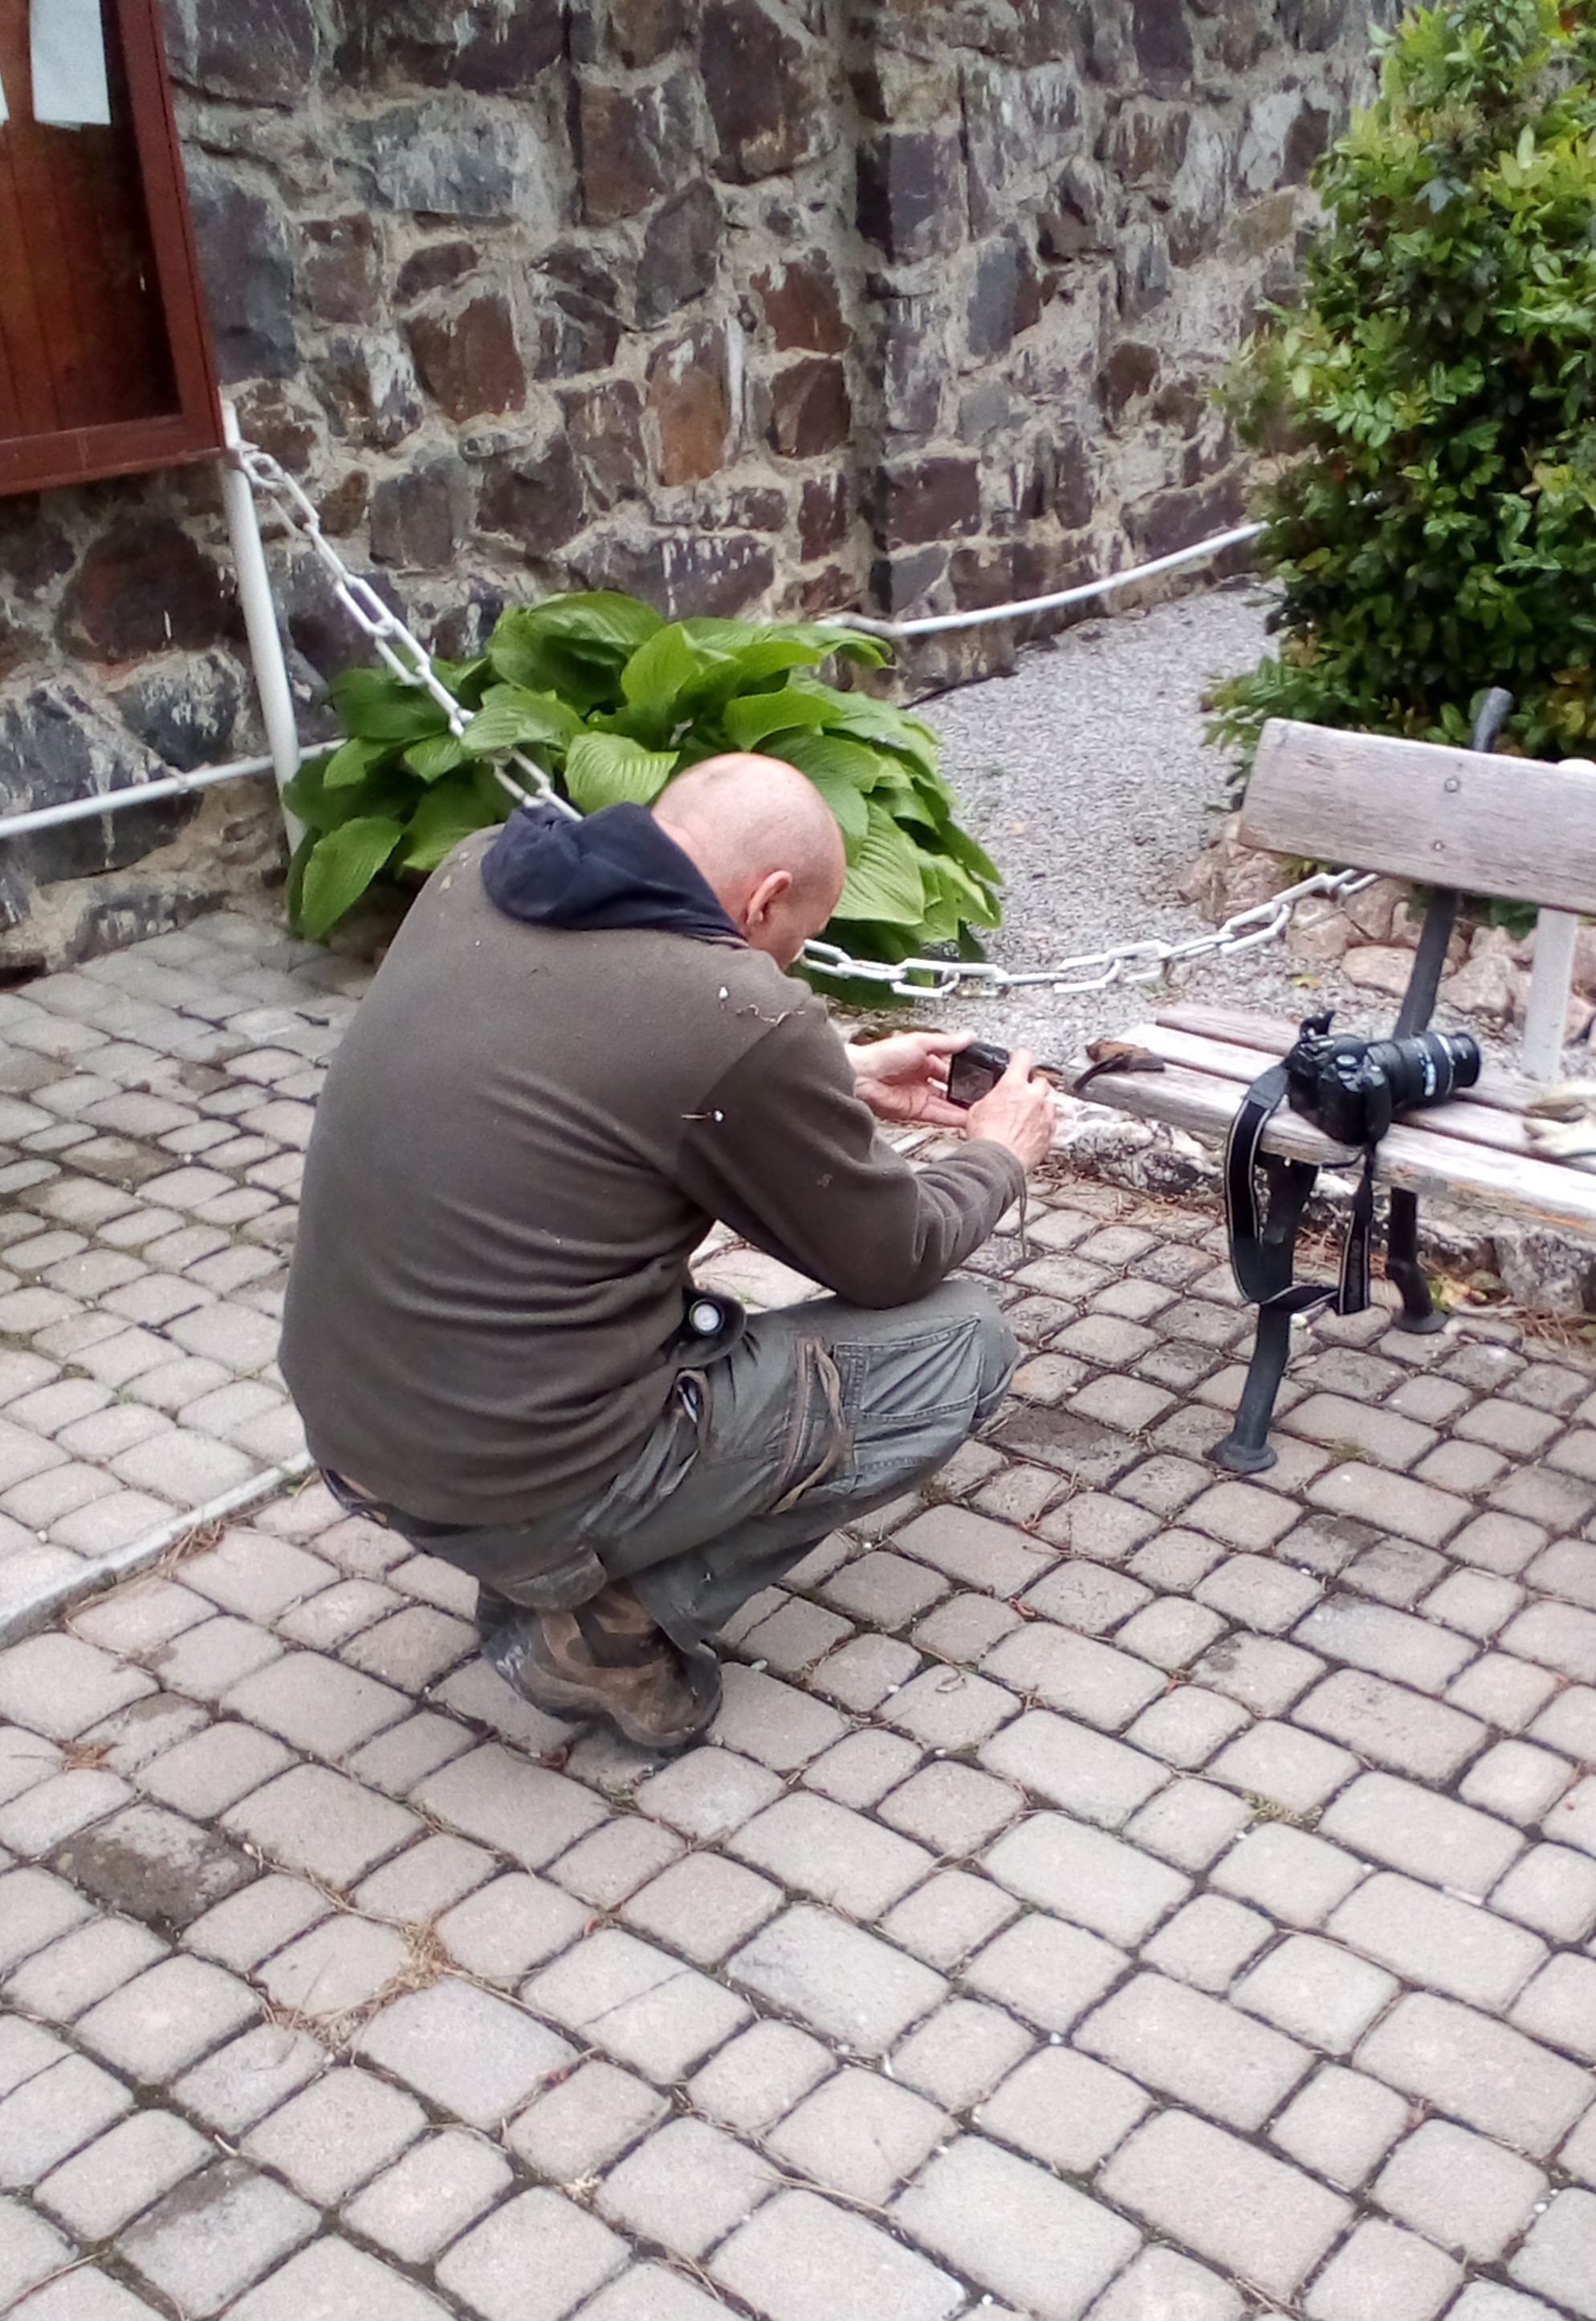 Фото 9. Андрій Башта здійснює польове дослідження кажана, знайденого біля римо-католицького храму в с. Сторожниця